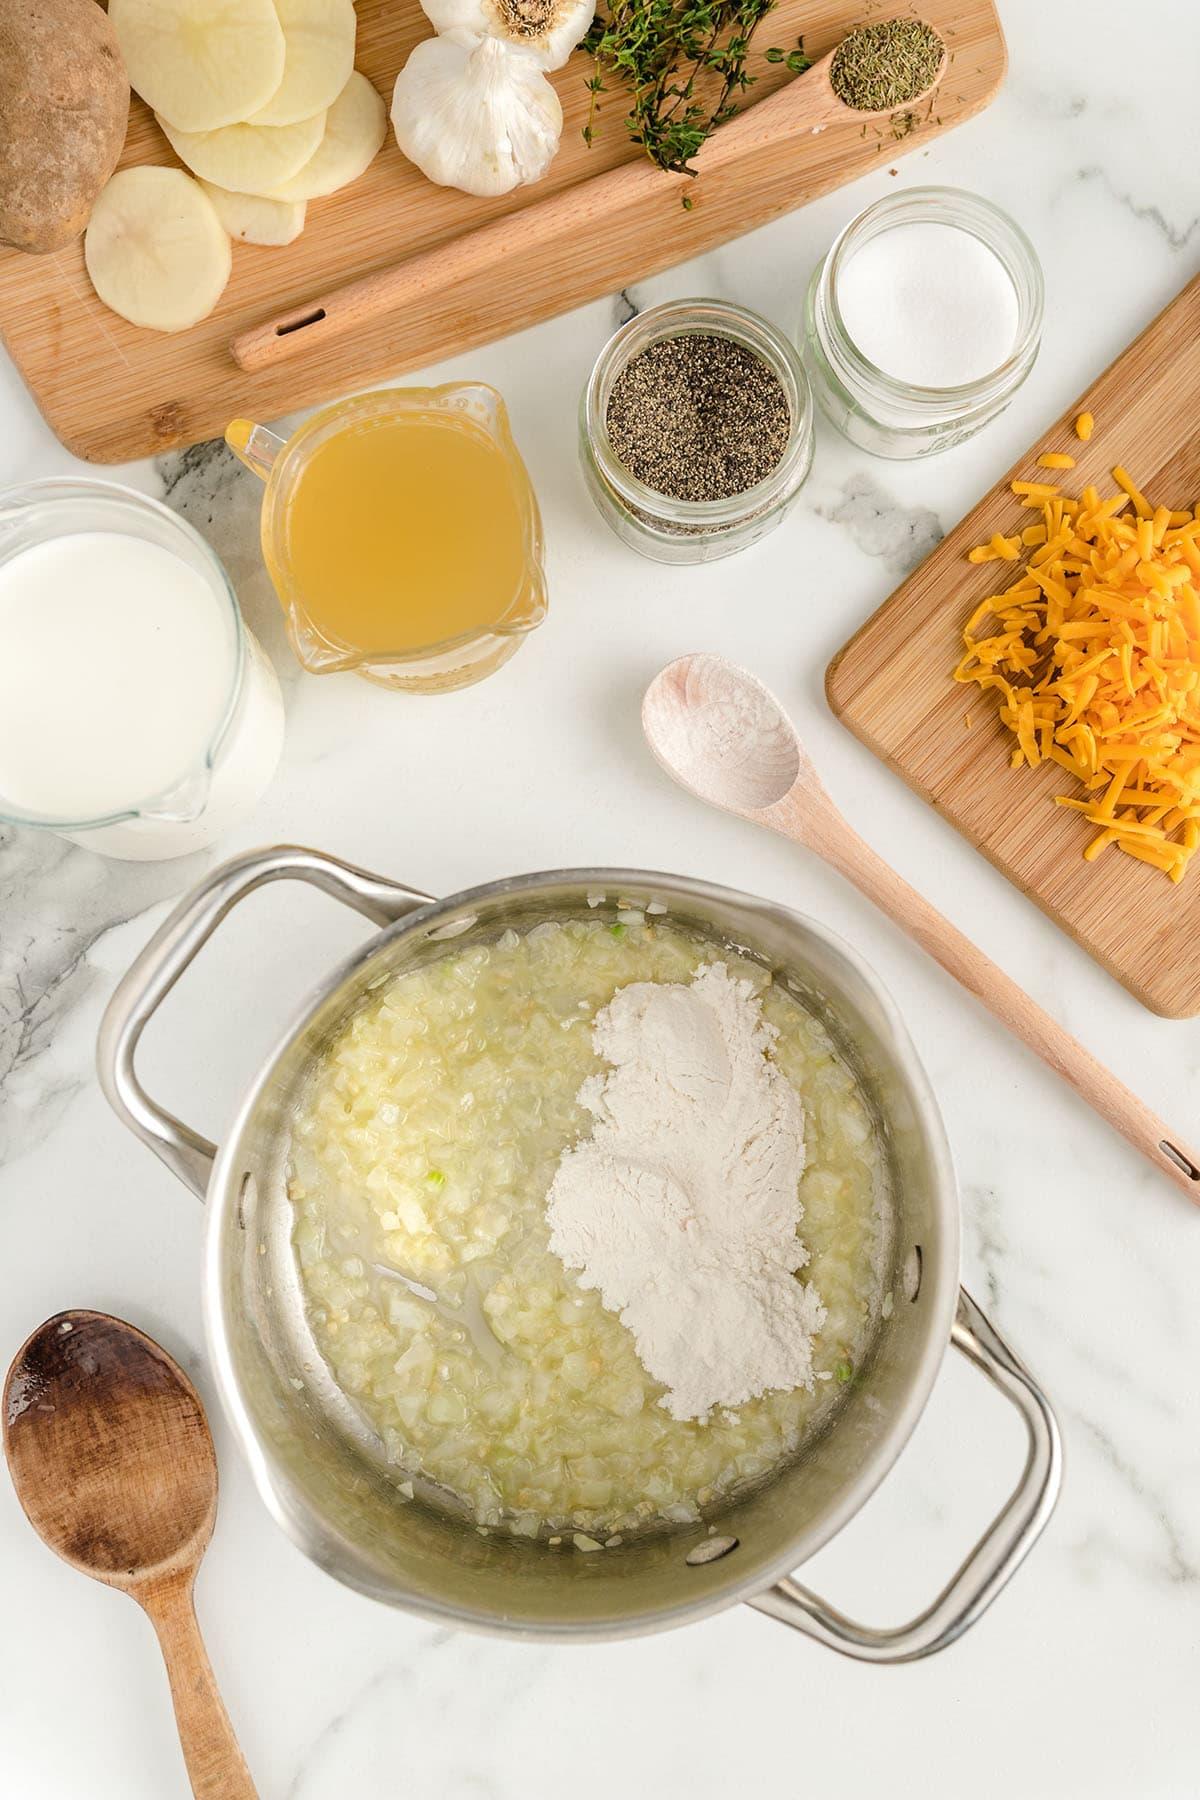 melt butter, add onion, garlic and flour